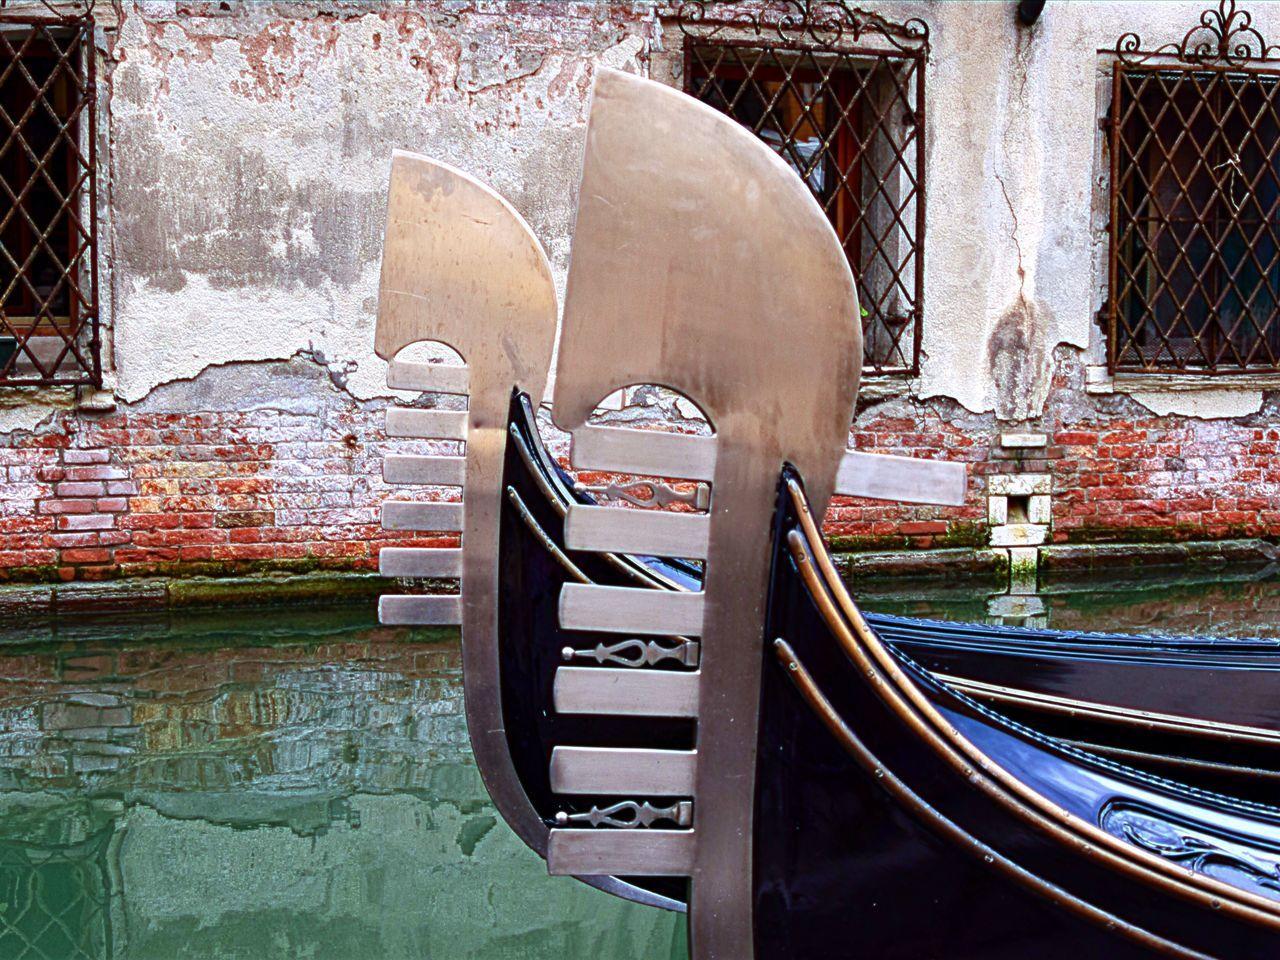 Canal Fregio Fregio Gondola GondolaVenezia.italia Venezia #venice Veneziagram Venezianascosta Veneziadavivere Veneto Italy Outdoors Creativity Eyemphotography Eyem Best Shots